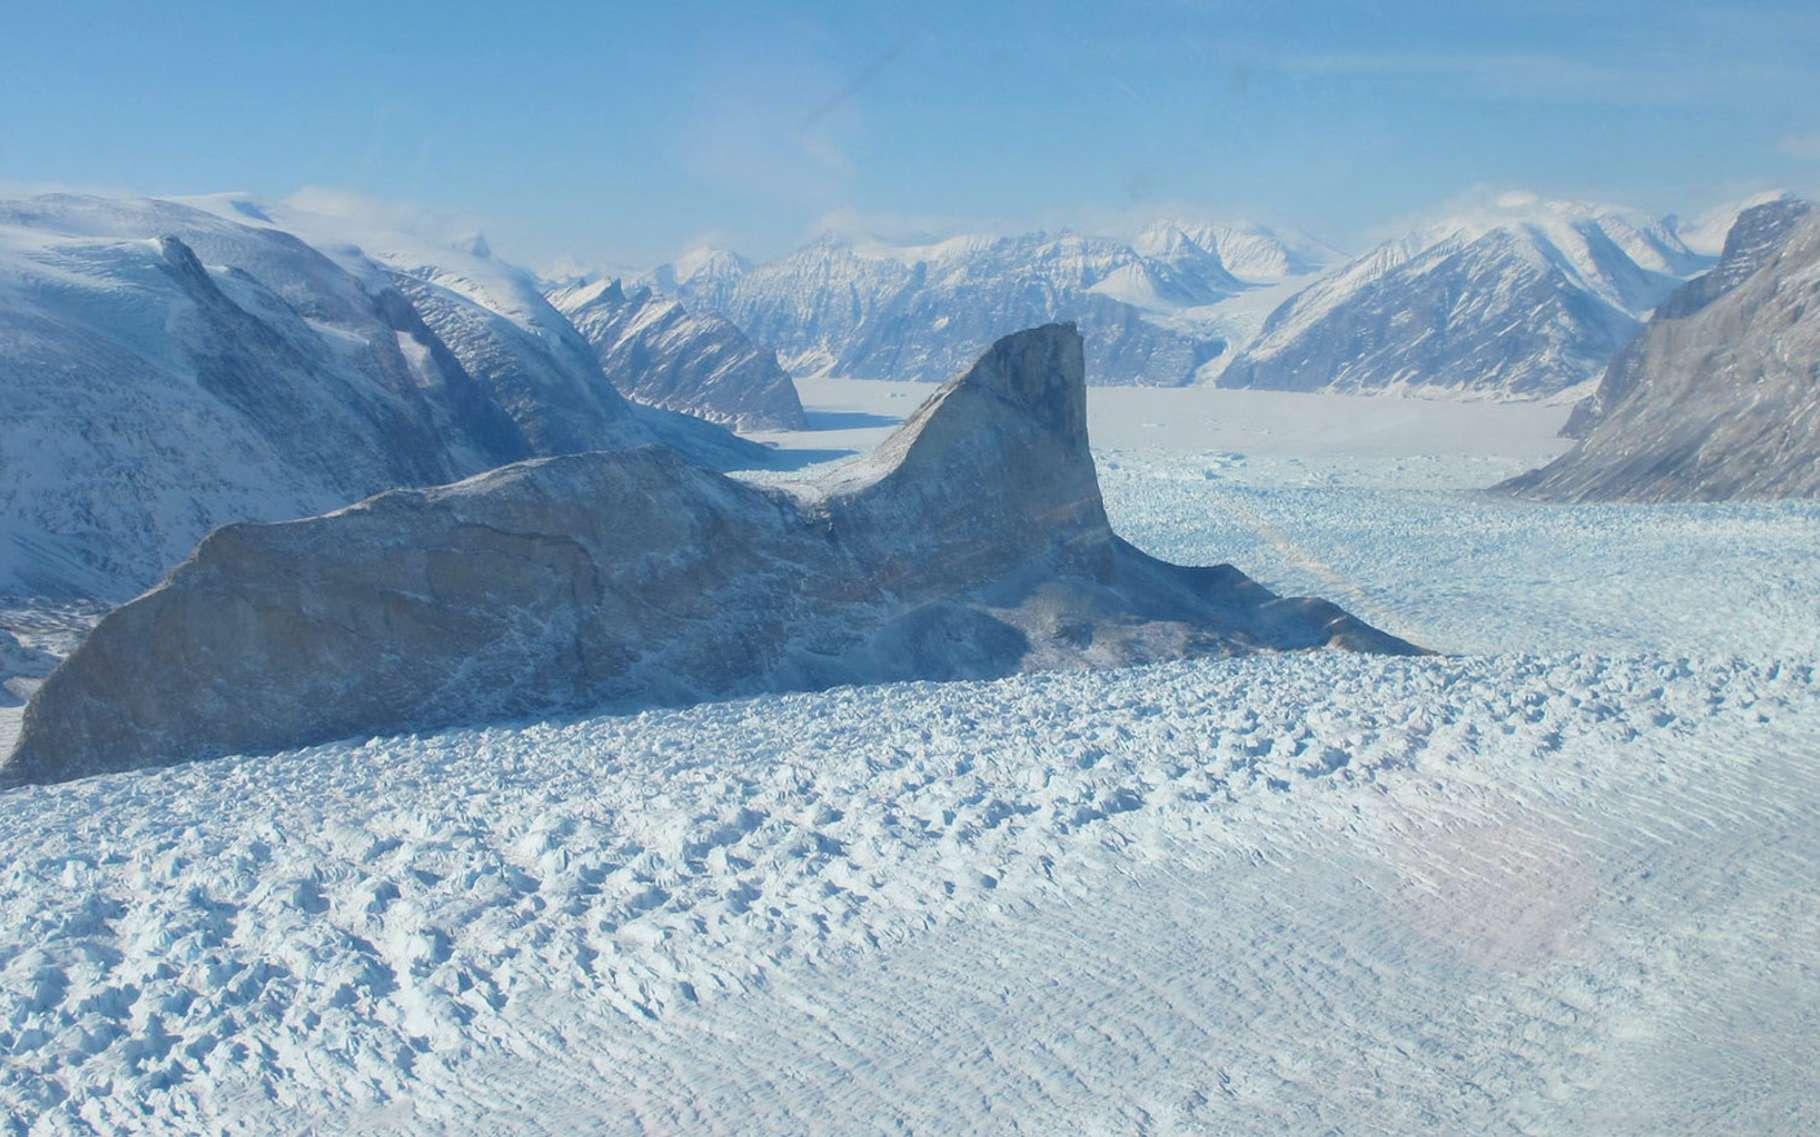 Selon les travaux des chercheurs de la Nasa (États-Unis), entre 2003 et 2019, le glacier Kangerdulgssuaq — le plus grand glacier de la côte est du Groenland — a perdu entre 4 et 6 mètres par an. © Jim Yungel, Nasa